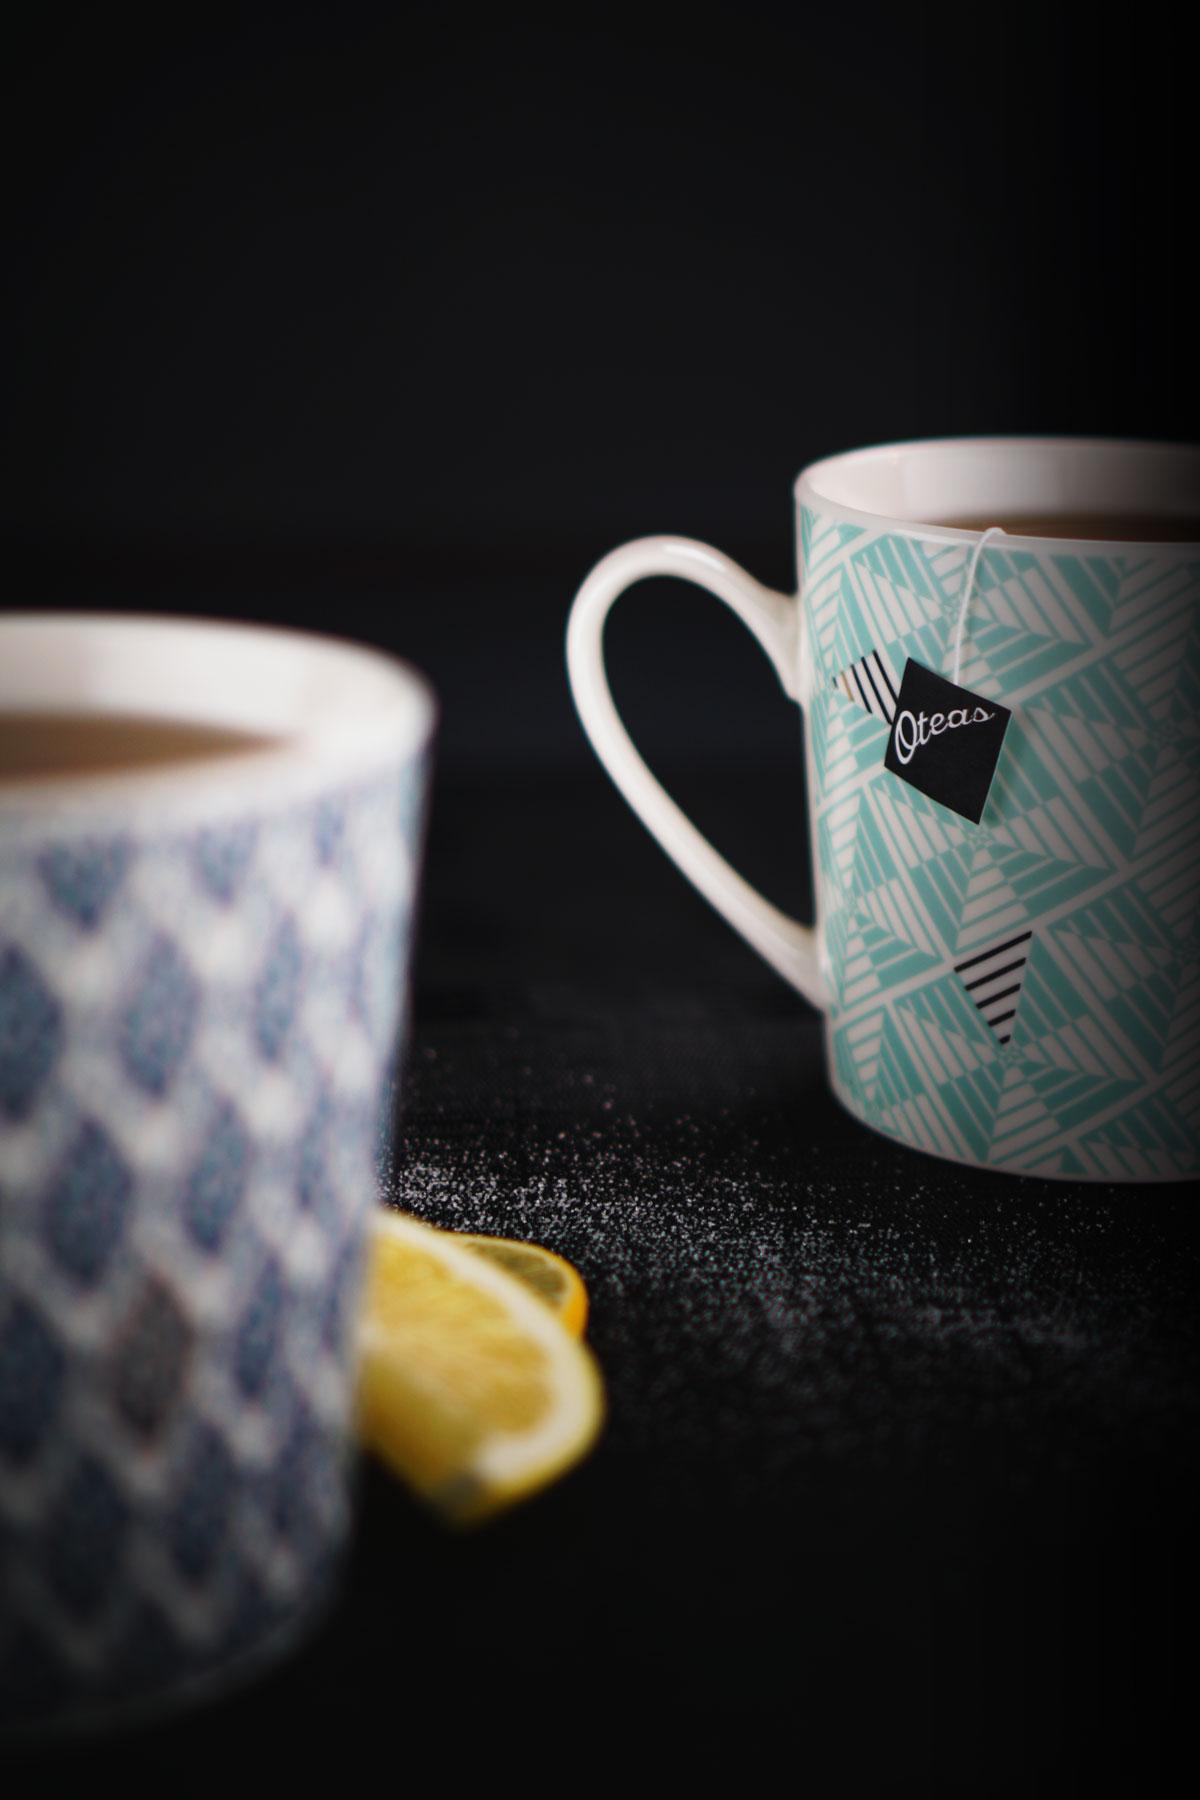 Une bienveillance classique - Ce ne sont pas seulement nous les Britanniques qui aimons l'infusion traditionnelle. Découvrez les nouvelles arômes et saveurs dans des thés comme le Darjeeling, l'Earl Grey et le thé à la bergamote.